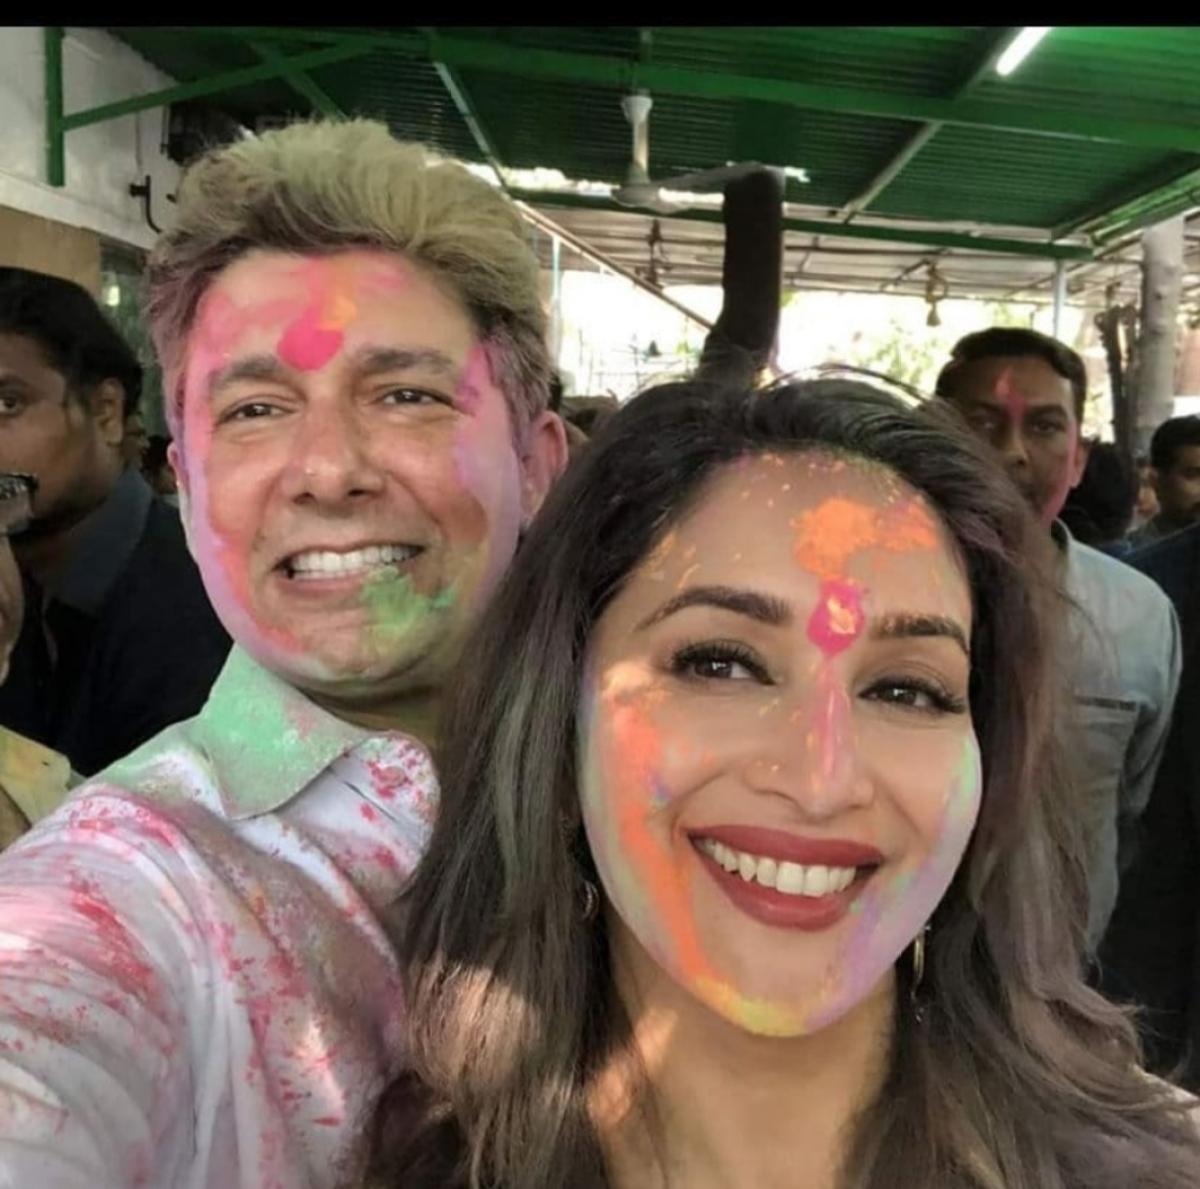 Madhuri and her husband celebrate Holi